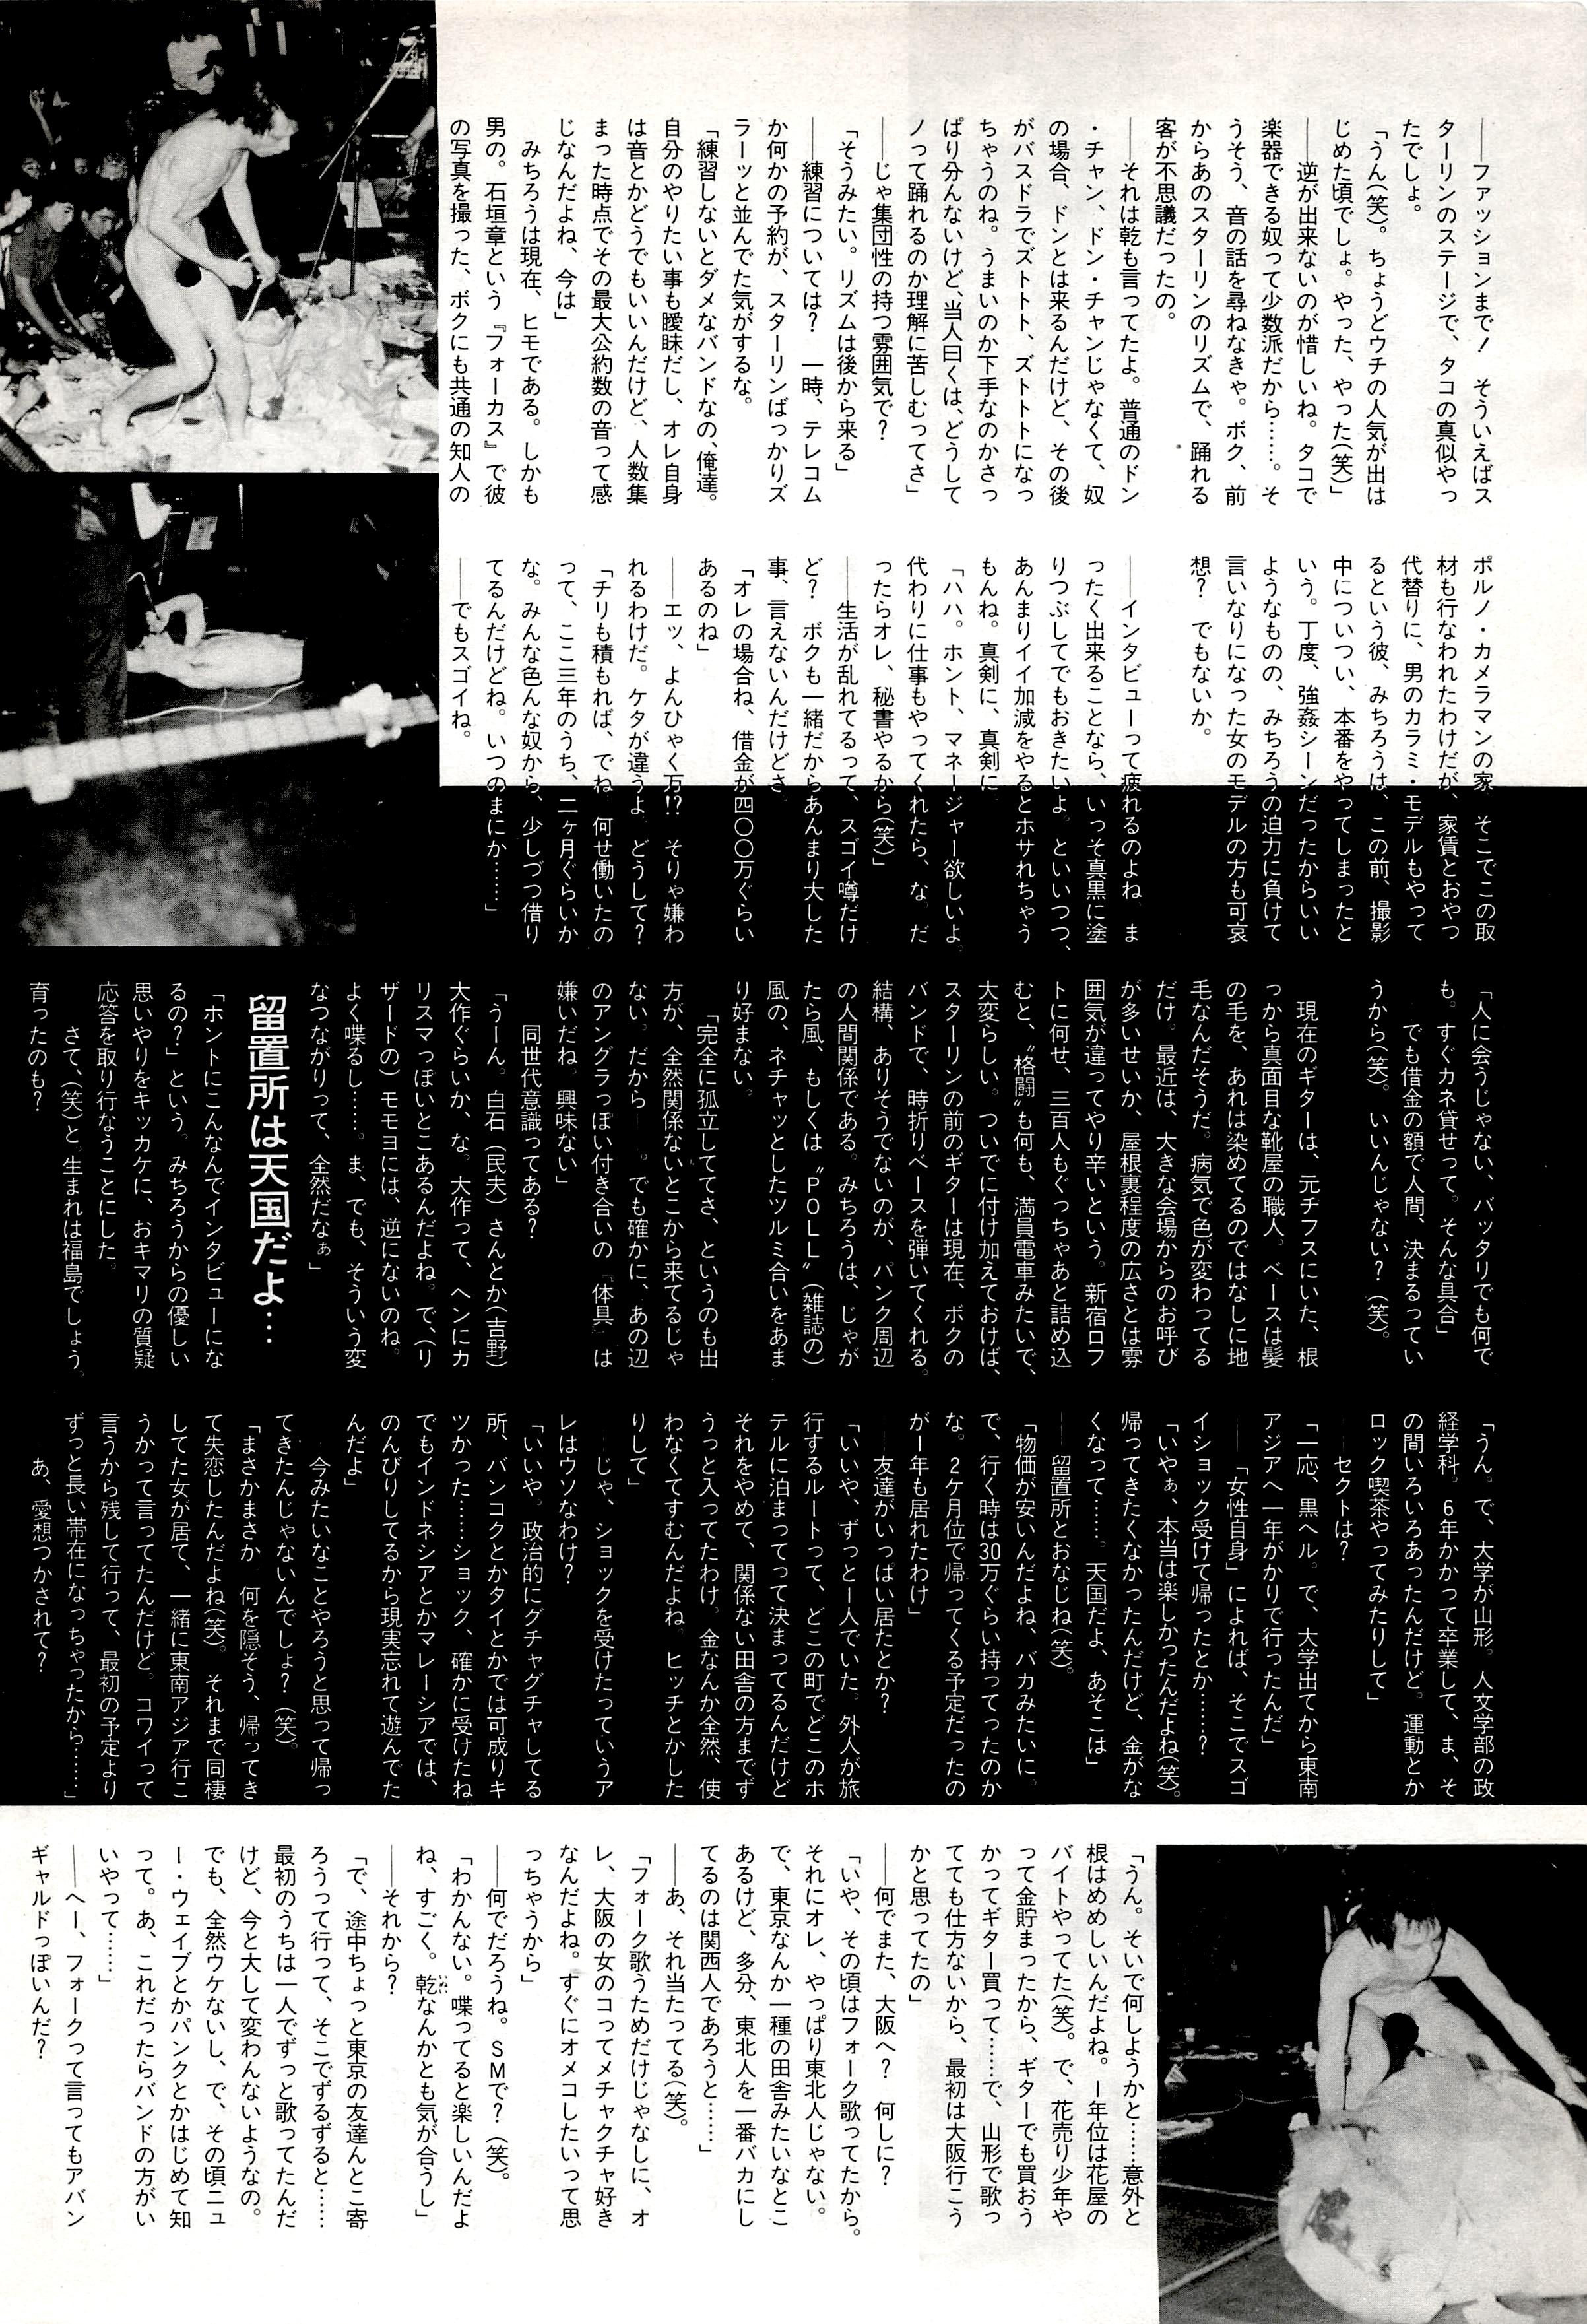 f:id:kougasetumei:20180504014728j:image